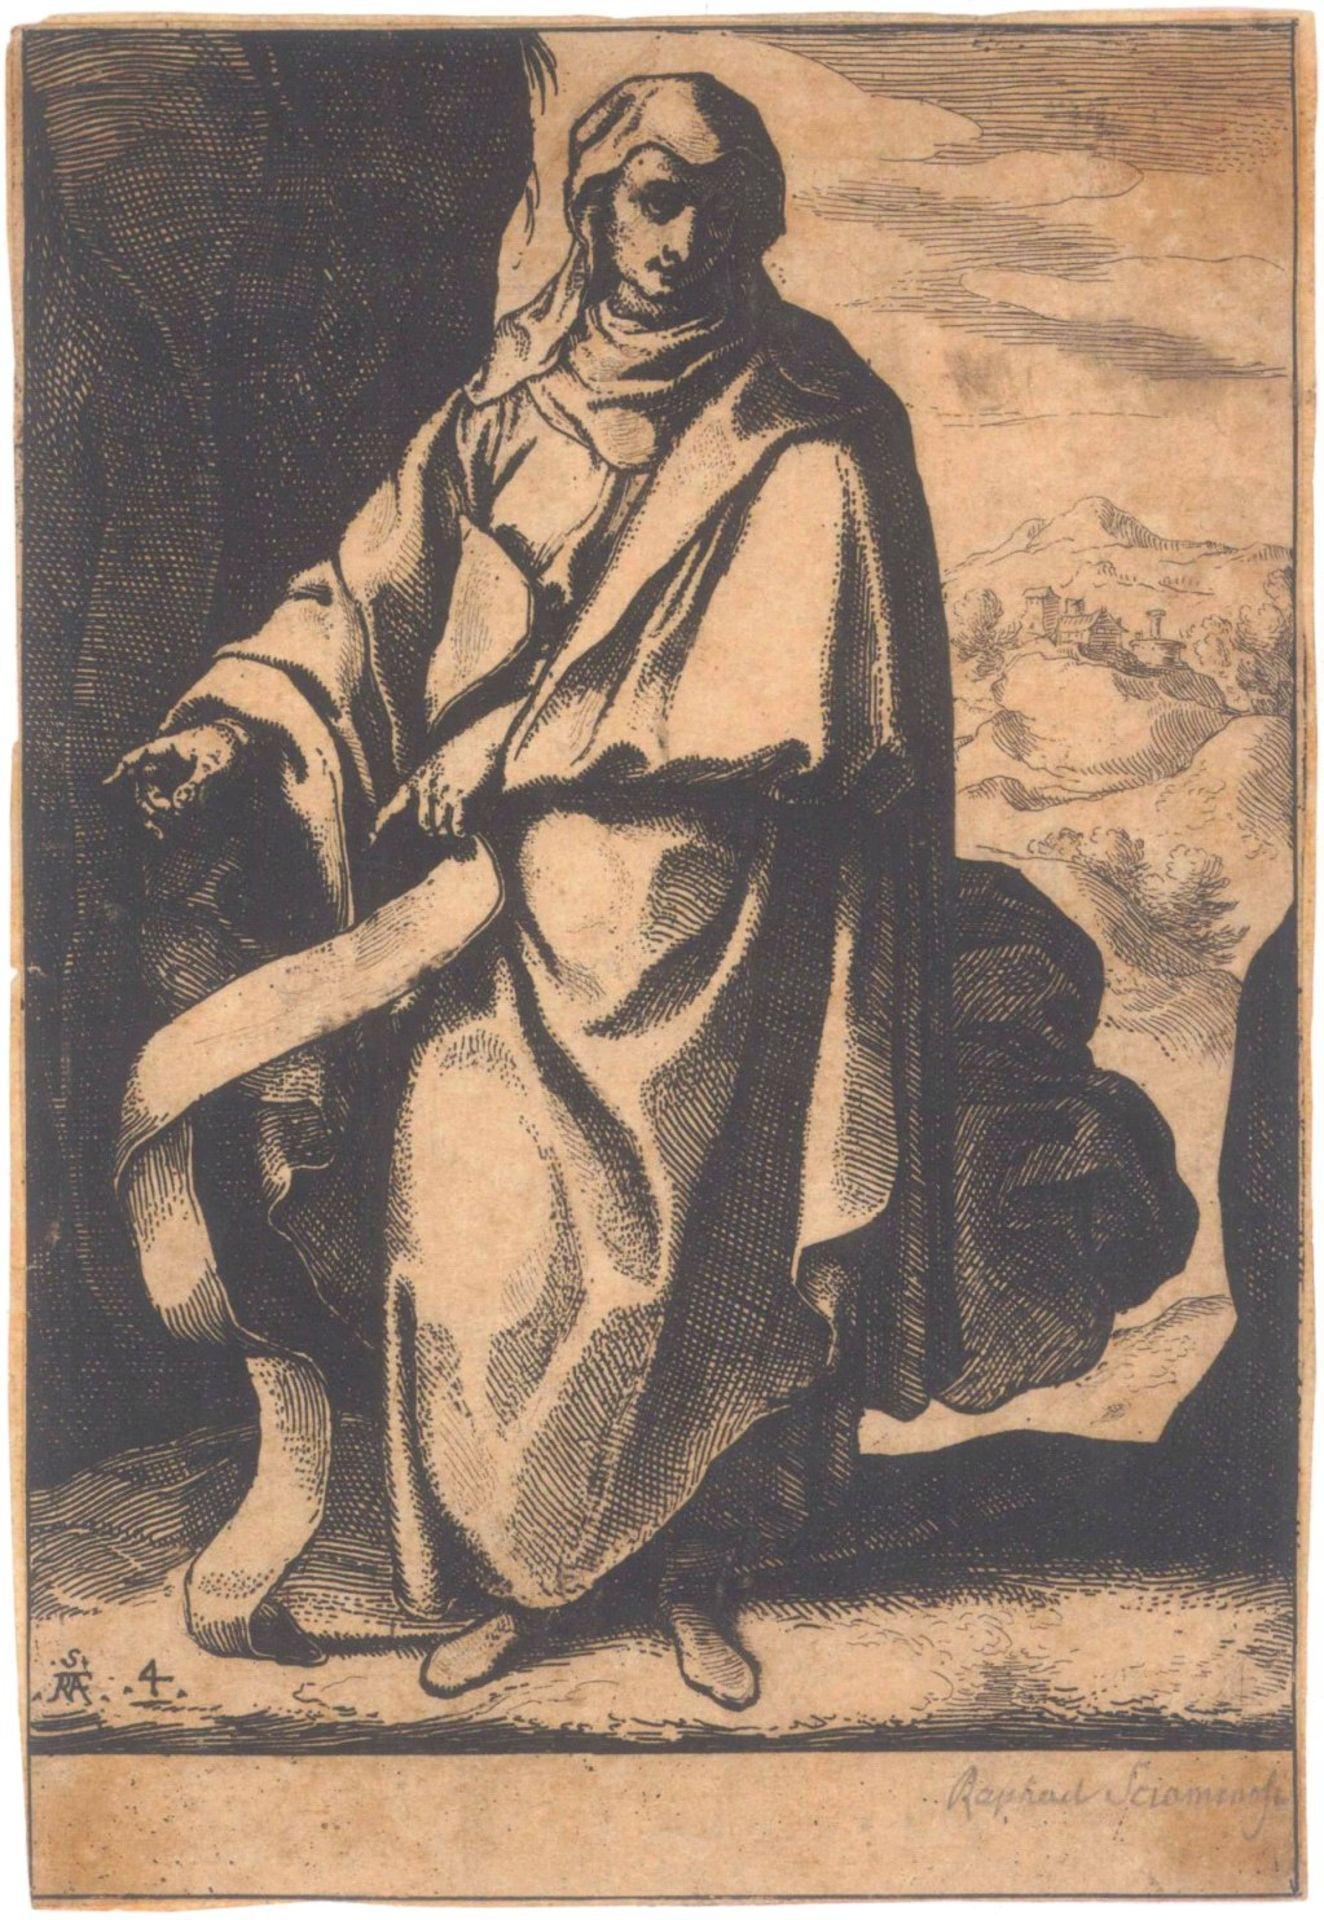 """Raffaello Schiaminossi (1572 - 1622)Radierung um 1610, aus der Serie """"Die zwölf Propheten"""",links"""